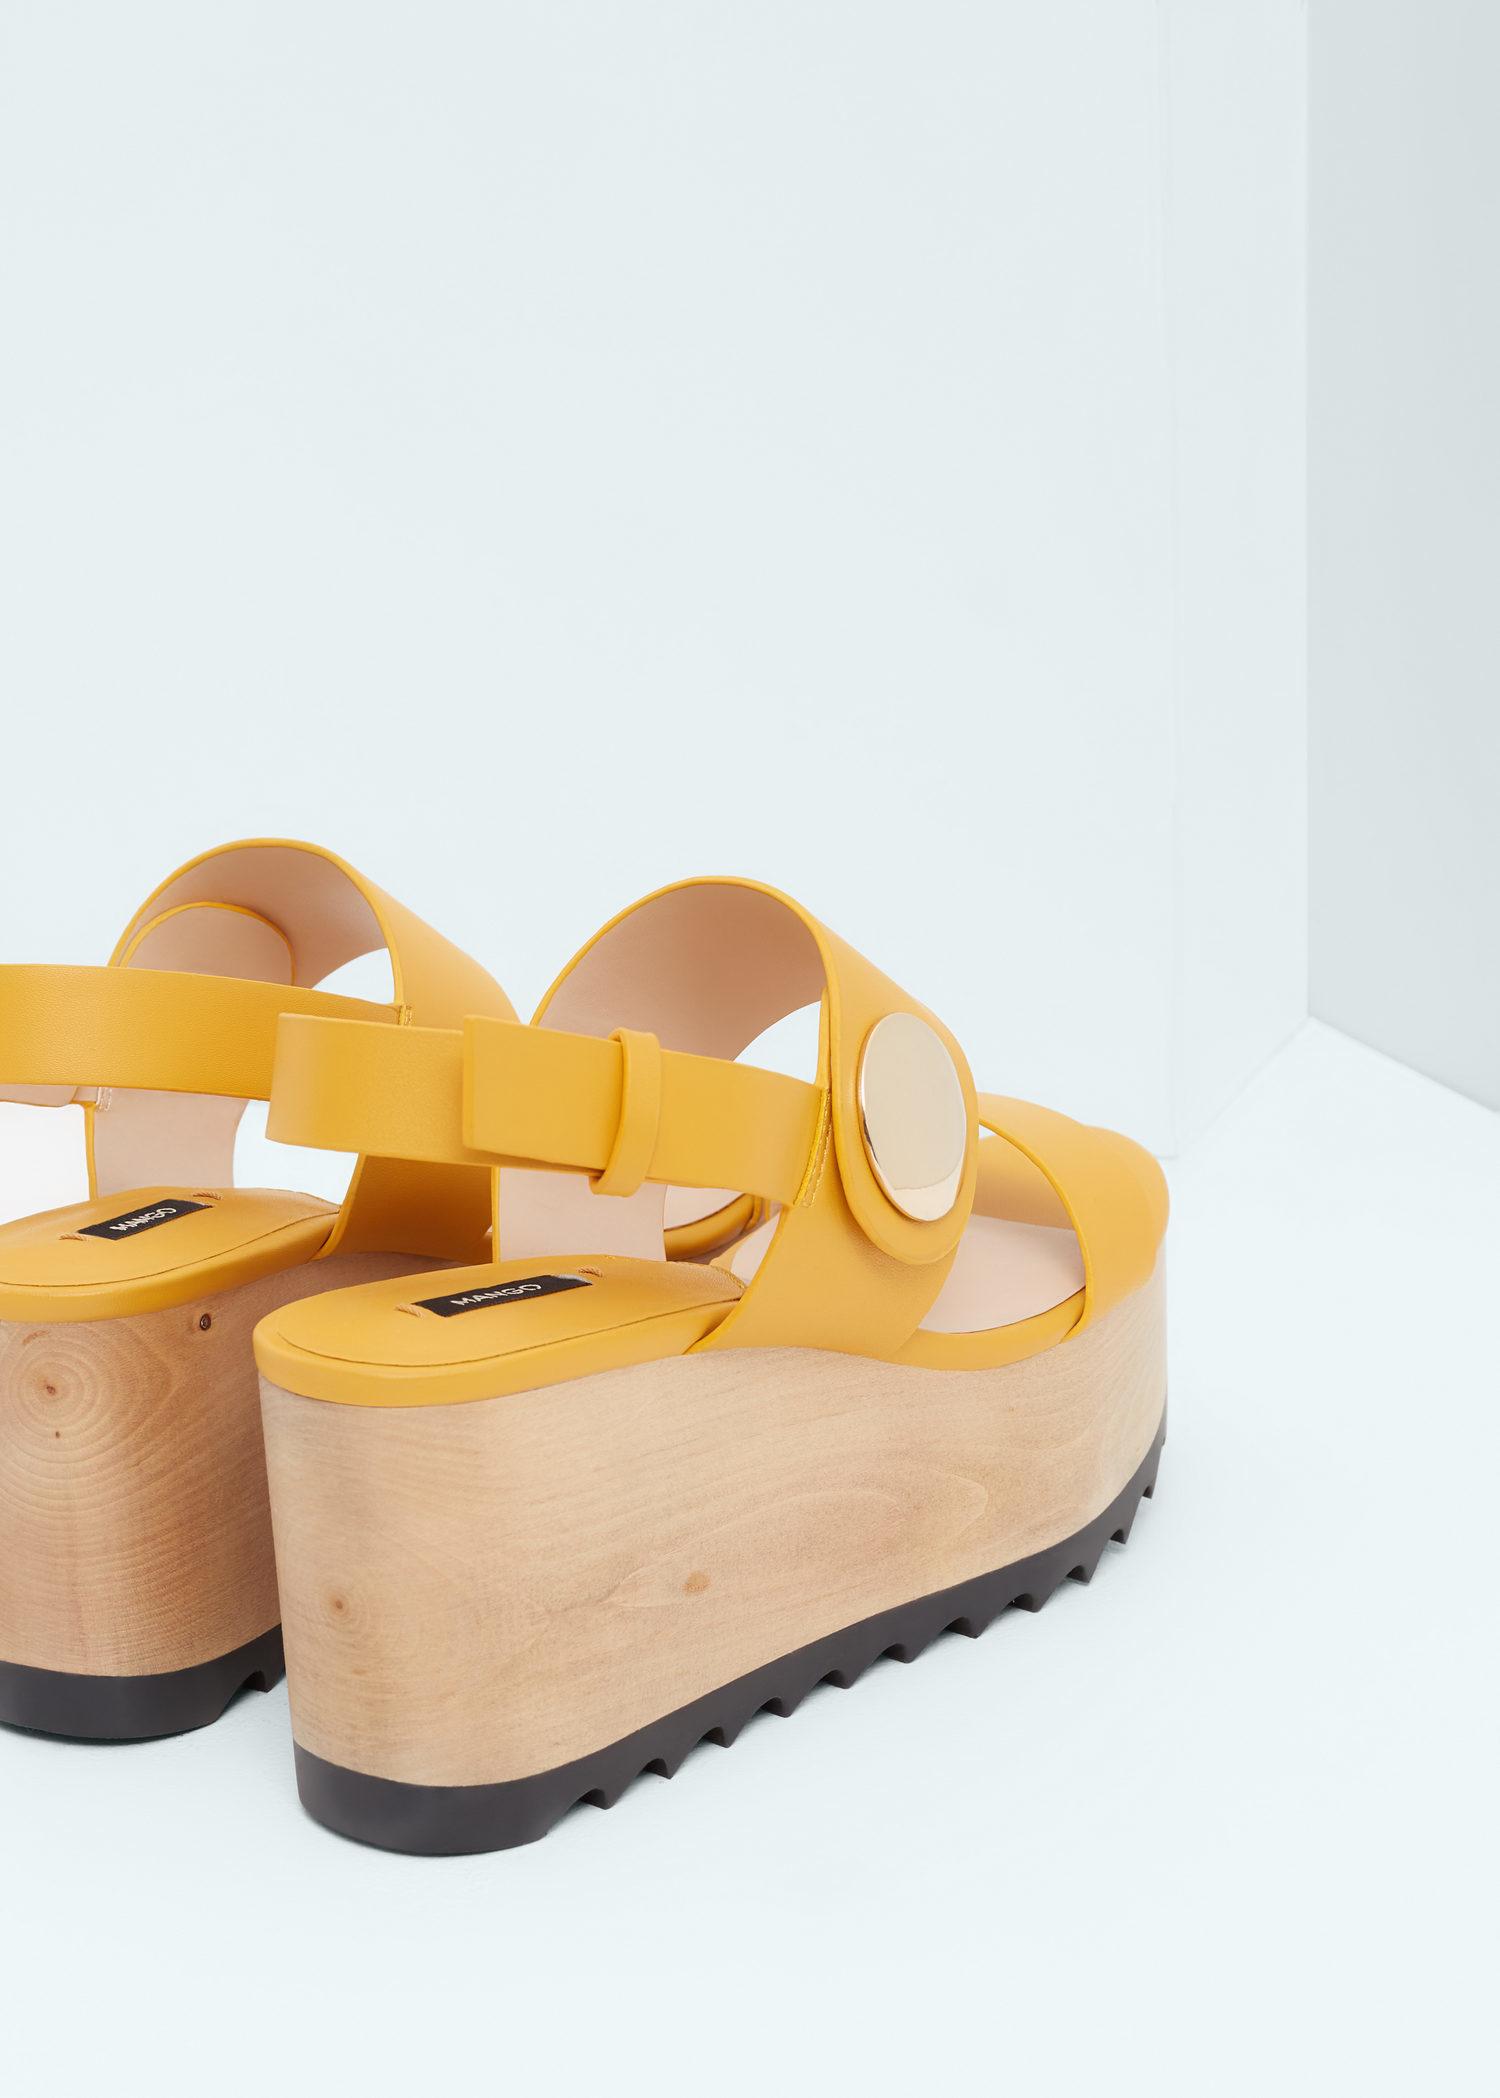 dda6b4572e Mango Platform Strap Sandals in Yellow - Lyst